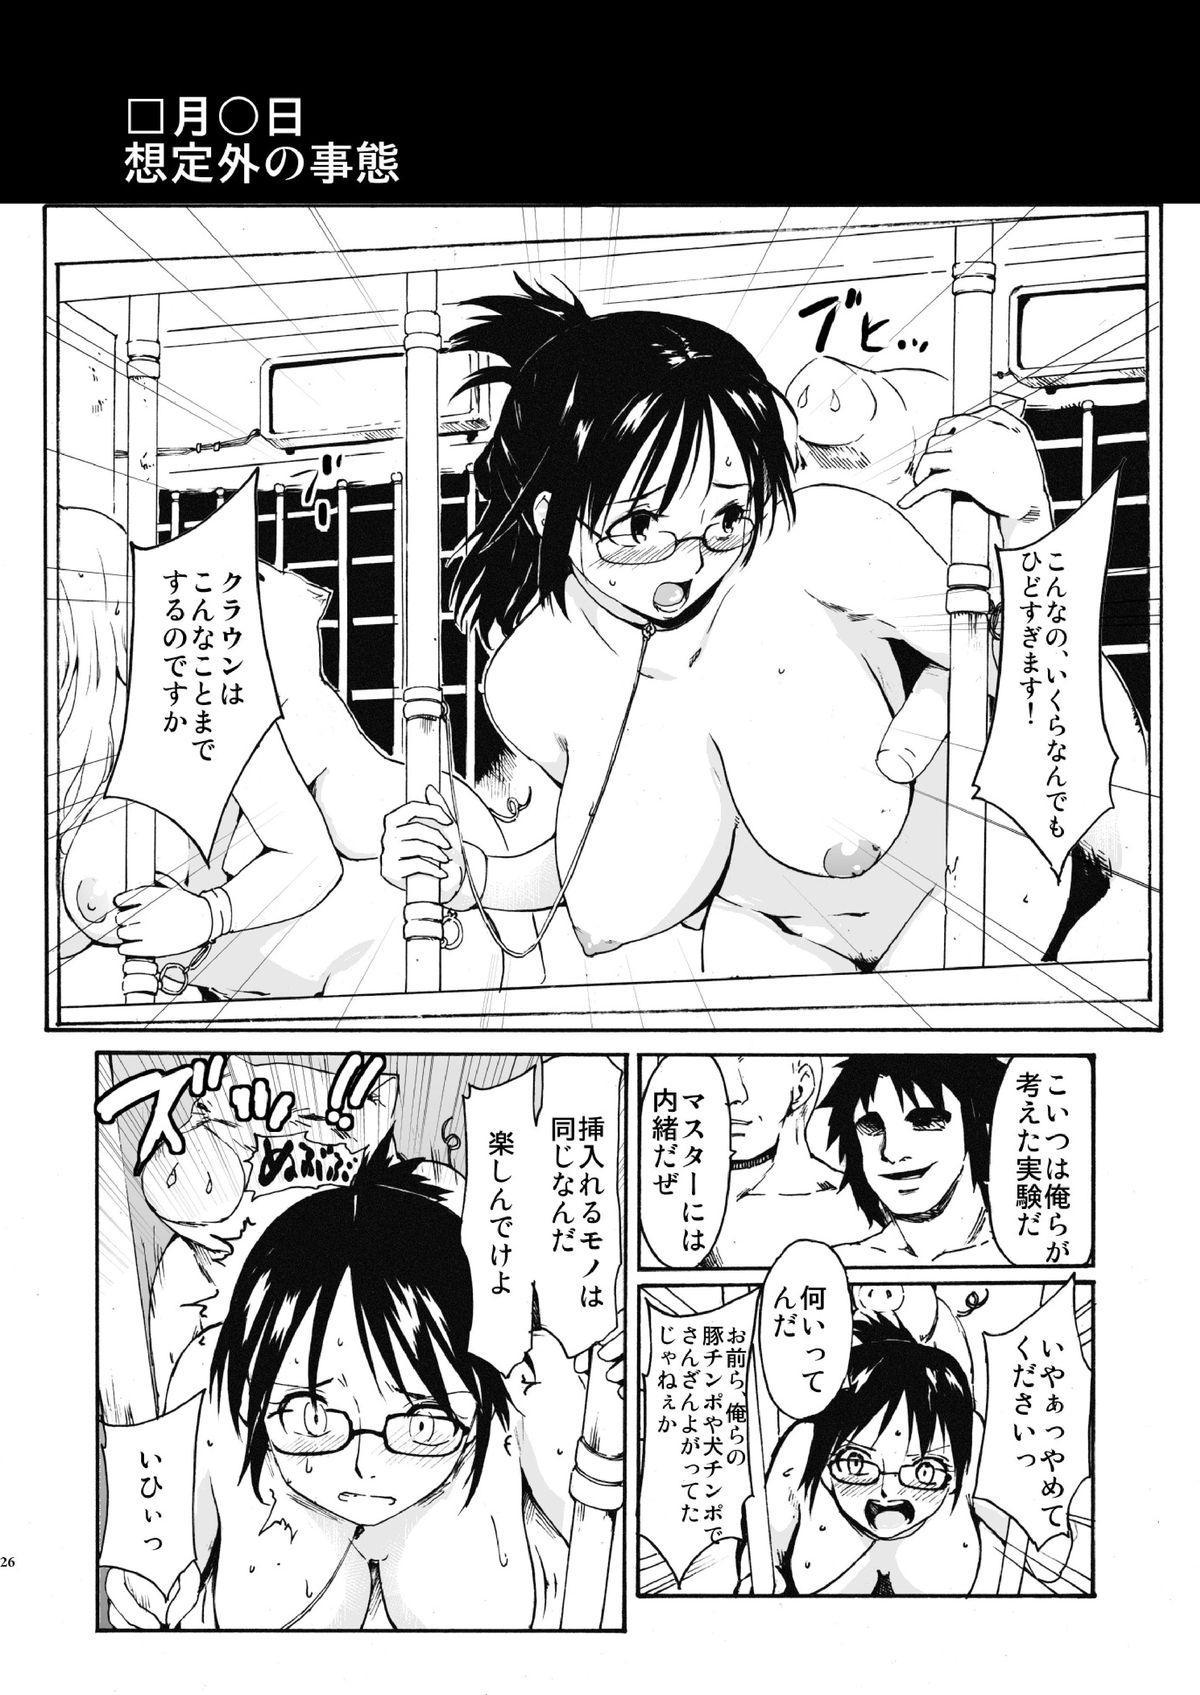 Zoku Gokkan no Jikkenshitsu 24